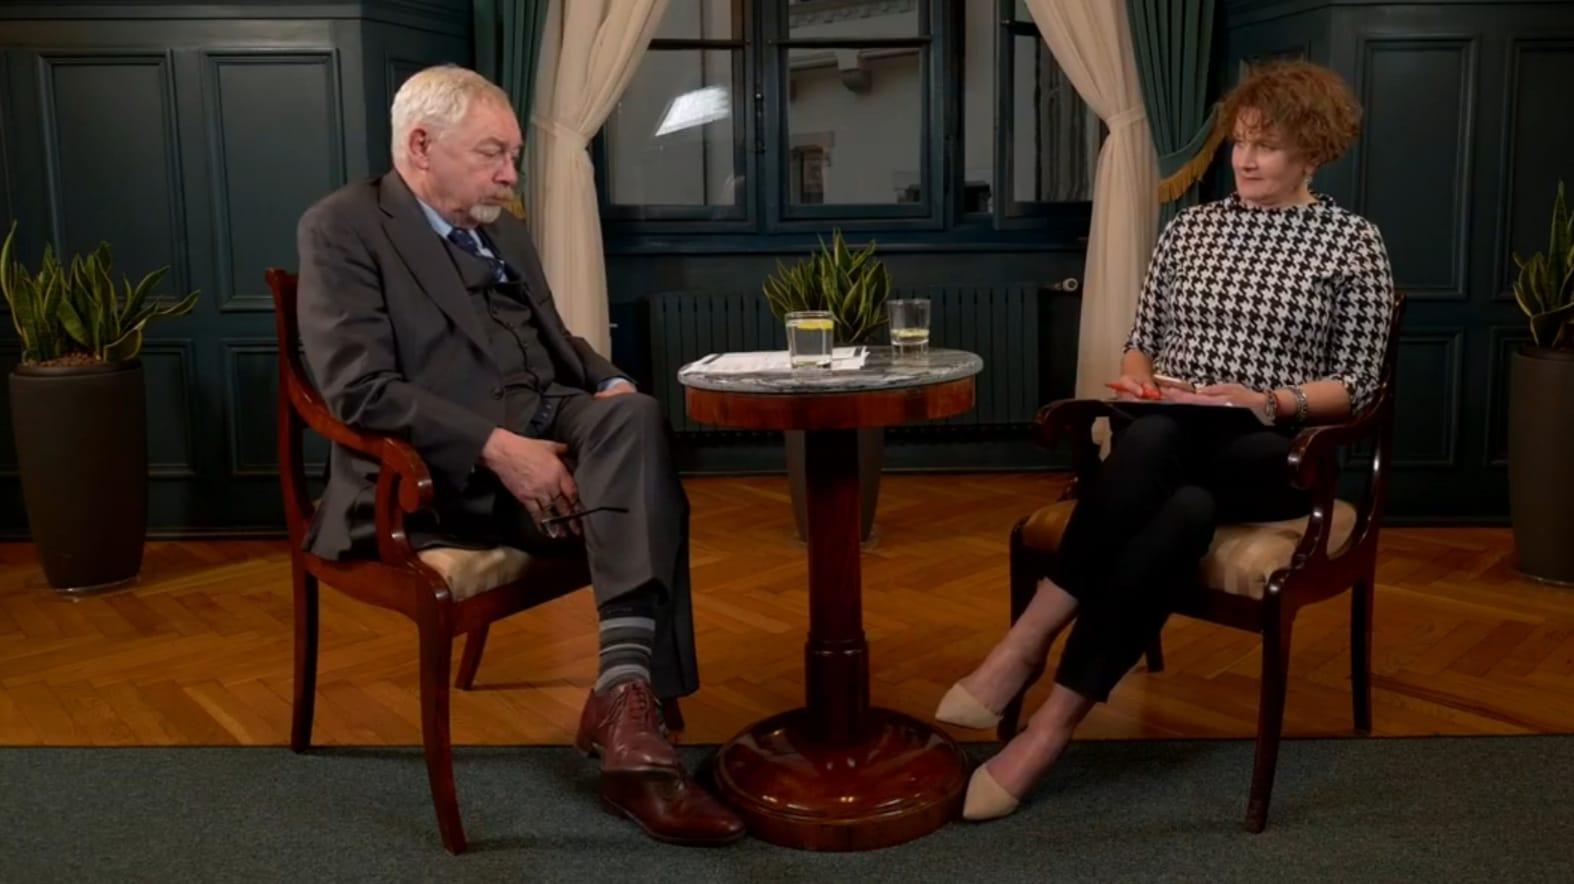 Orędzia wygłaszane w formie wywiadów stały się nową świecką tradycją Krakowa. Śledzimy je dla Was z zapartym tchem. Źródło: YT/Krakow.pl.